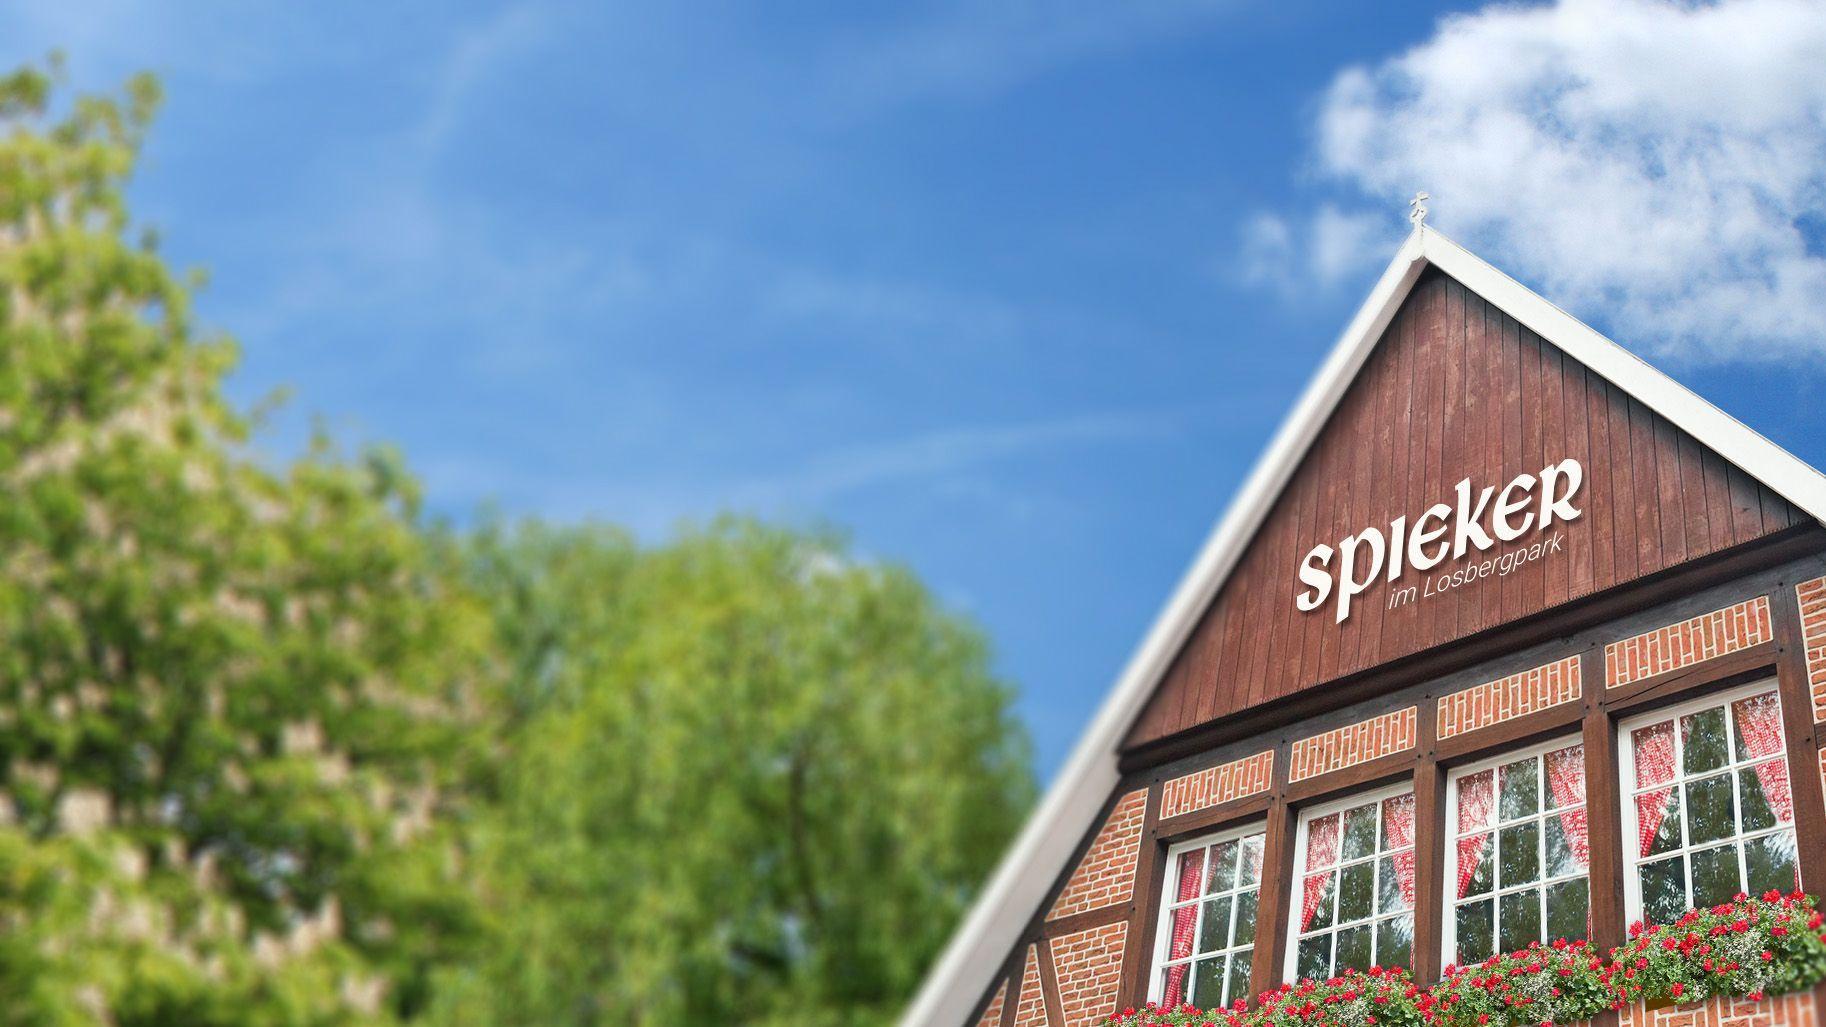 Willkommen im Losbergpark! | Spieker Stadtlohn